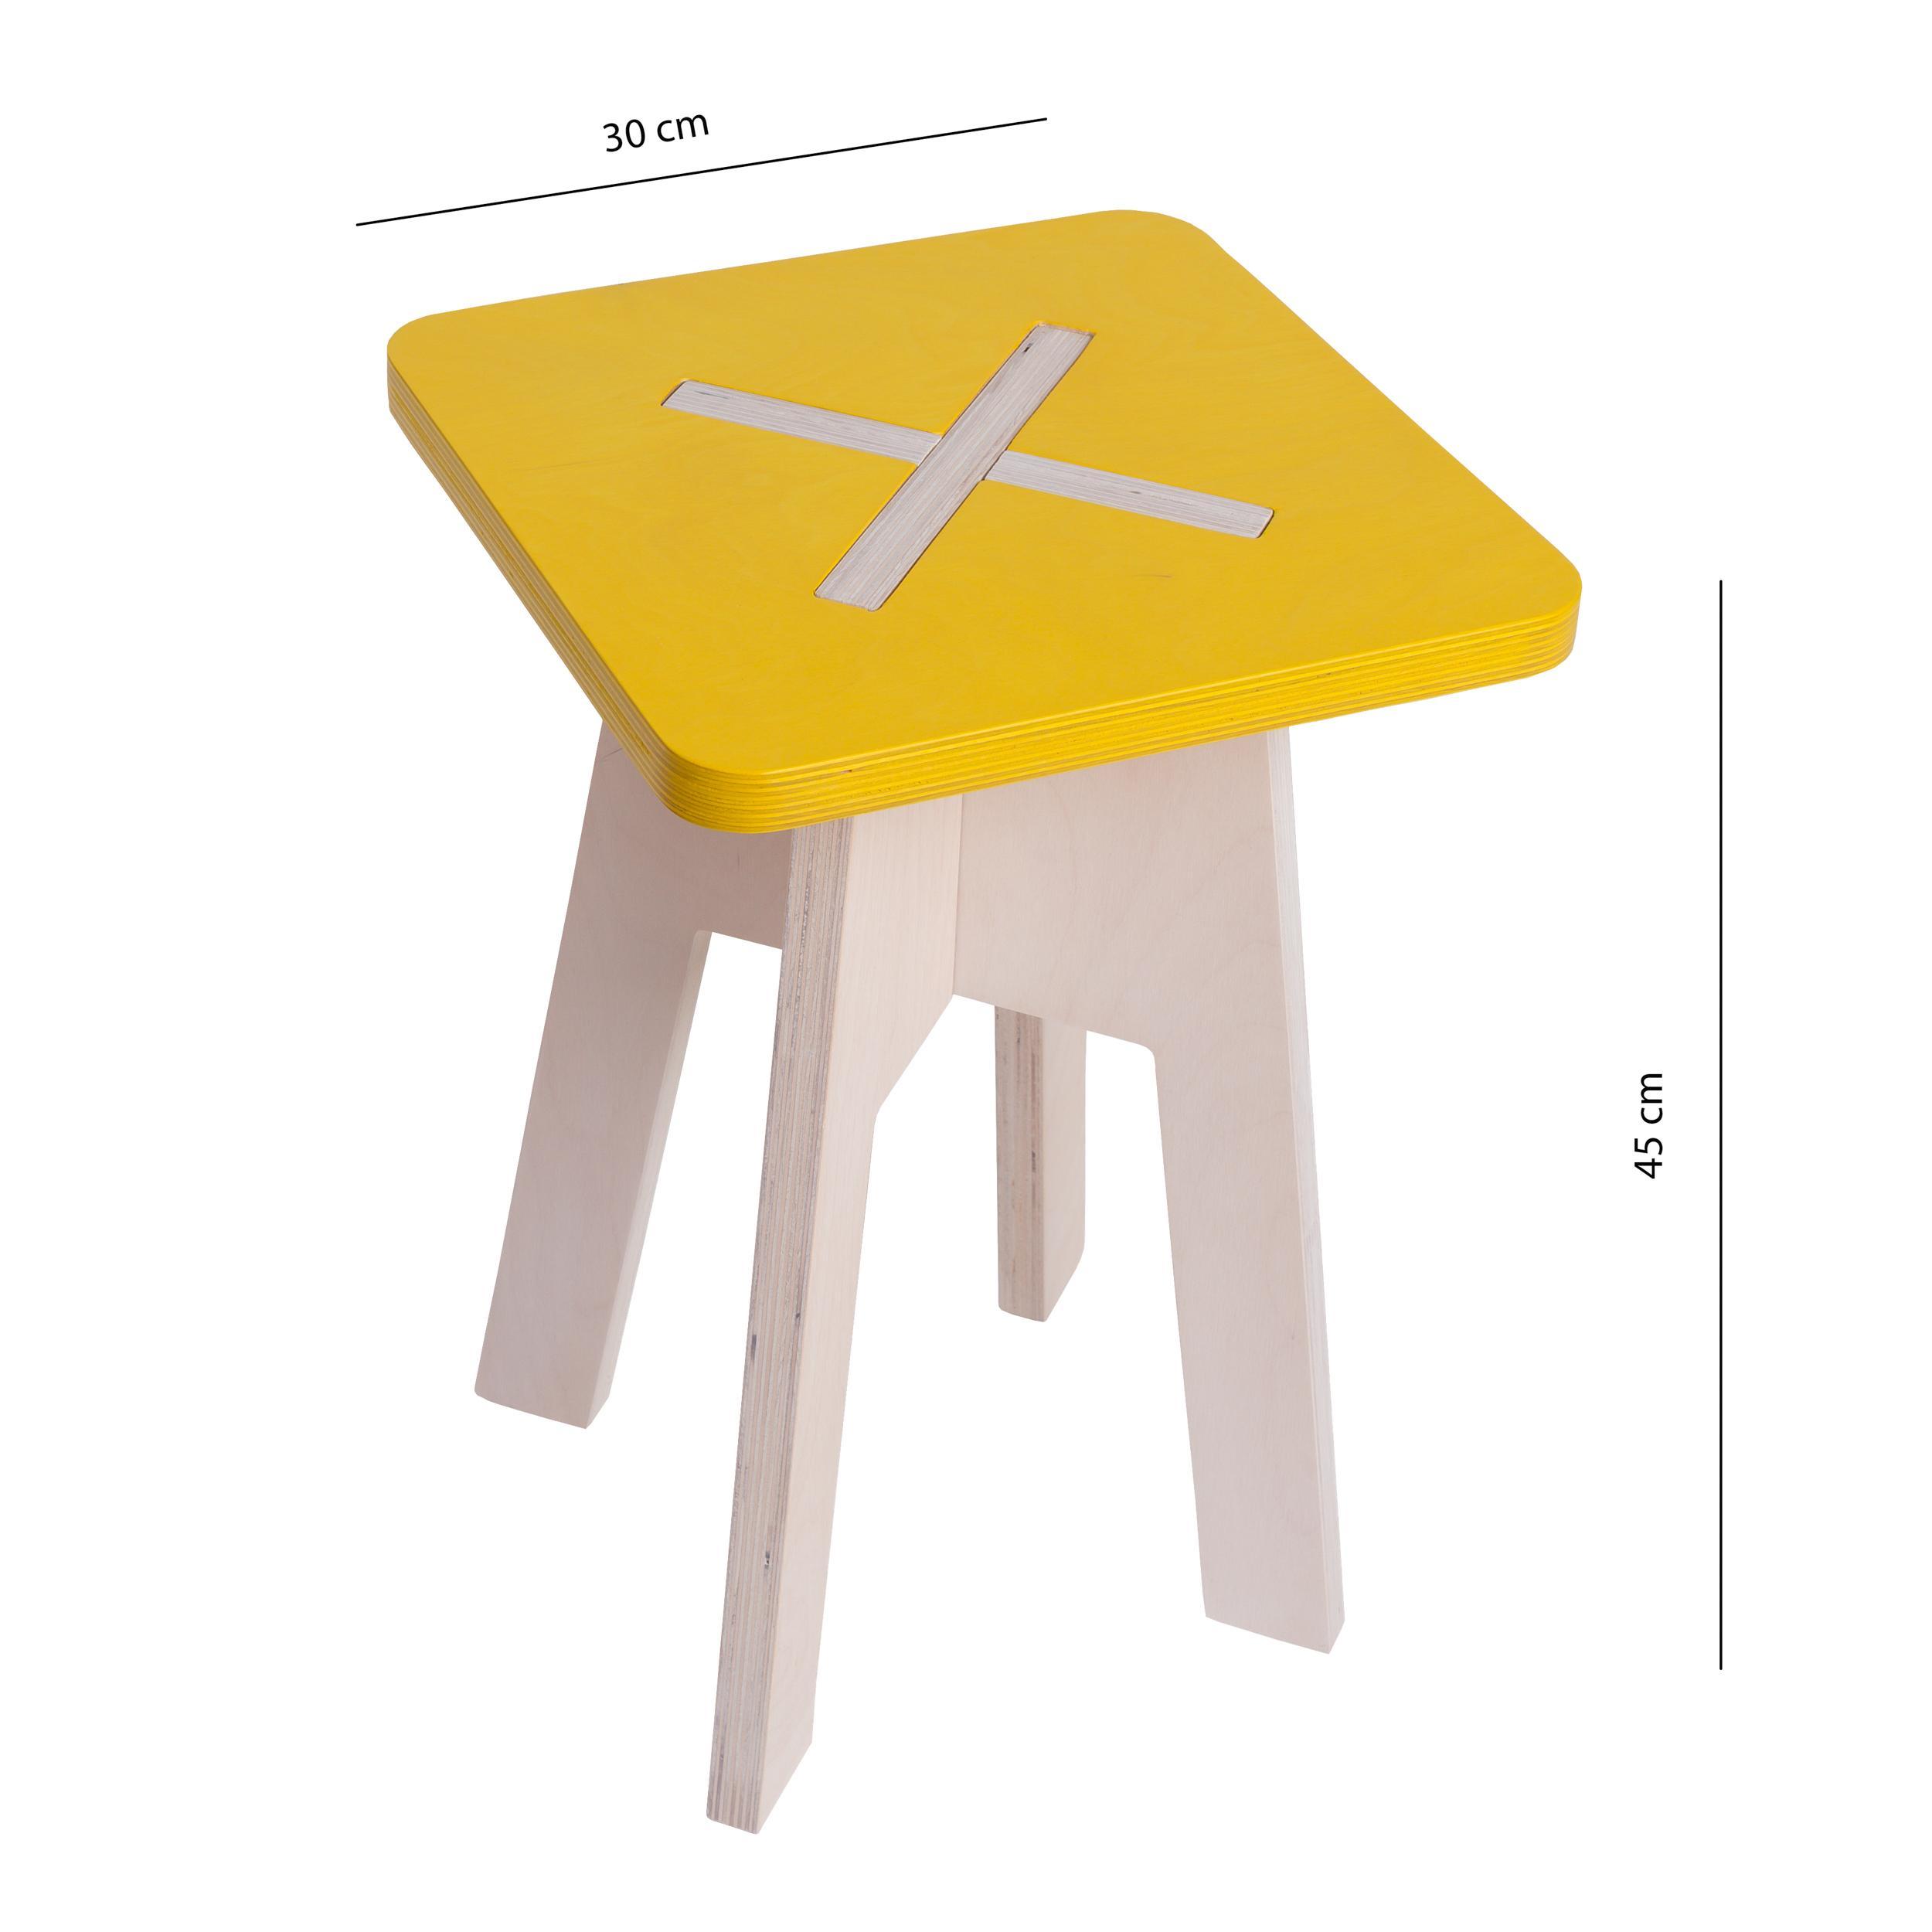 Eckiger hocker aus holz gelb for Tische holz design